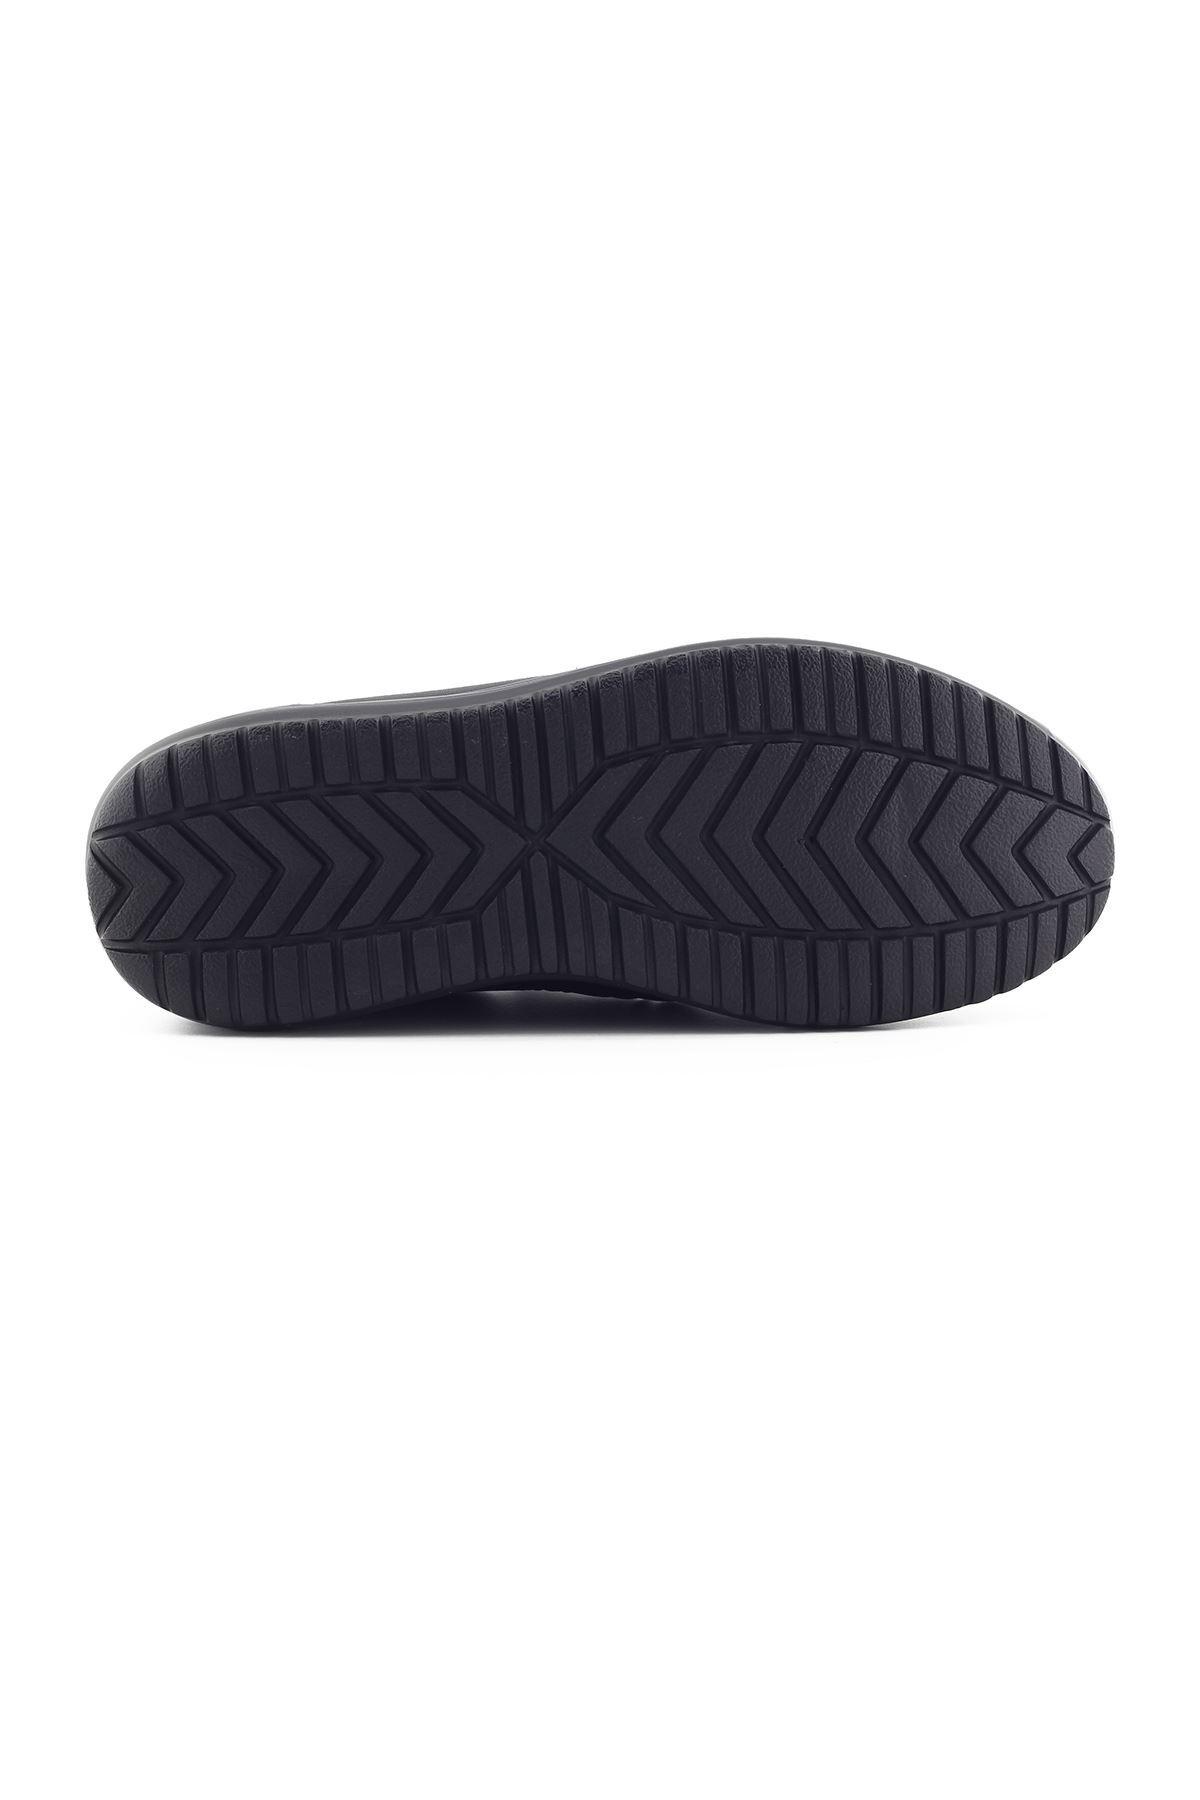 1650 Siyah Erkek Büyük Numara Yürüyüş Ayakkabısı (45-46)